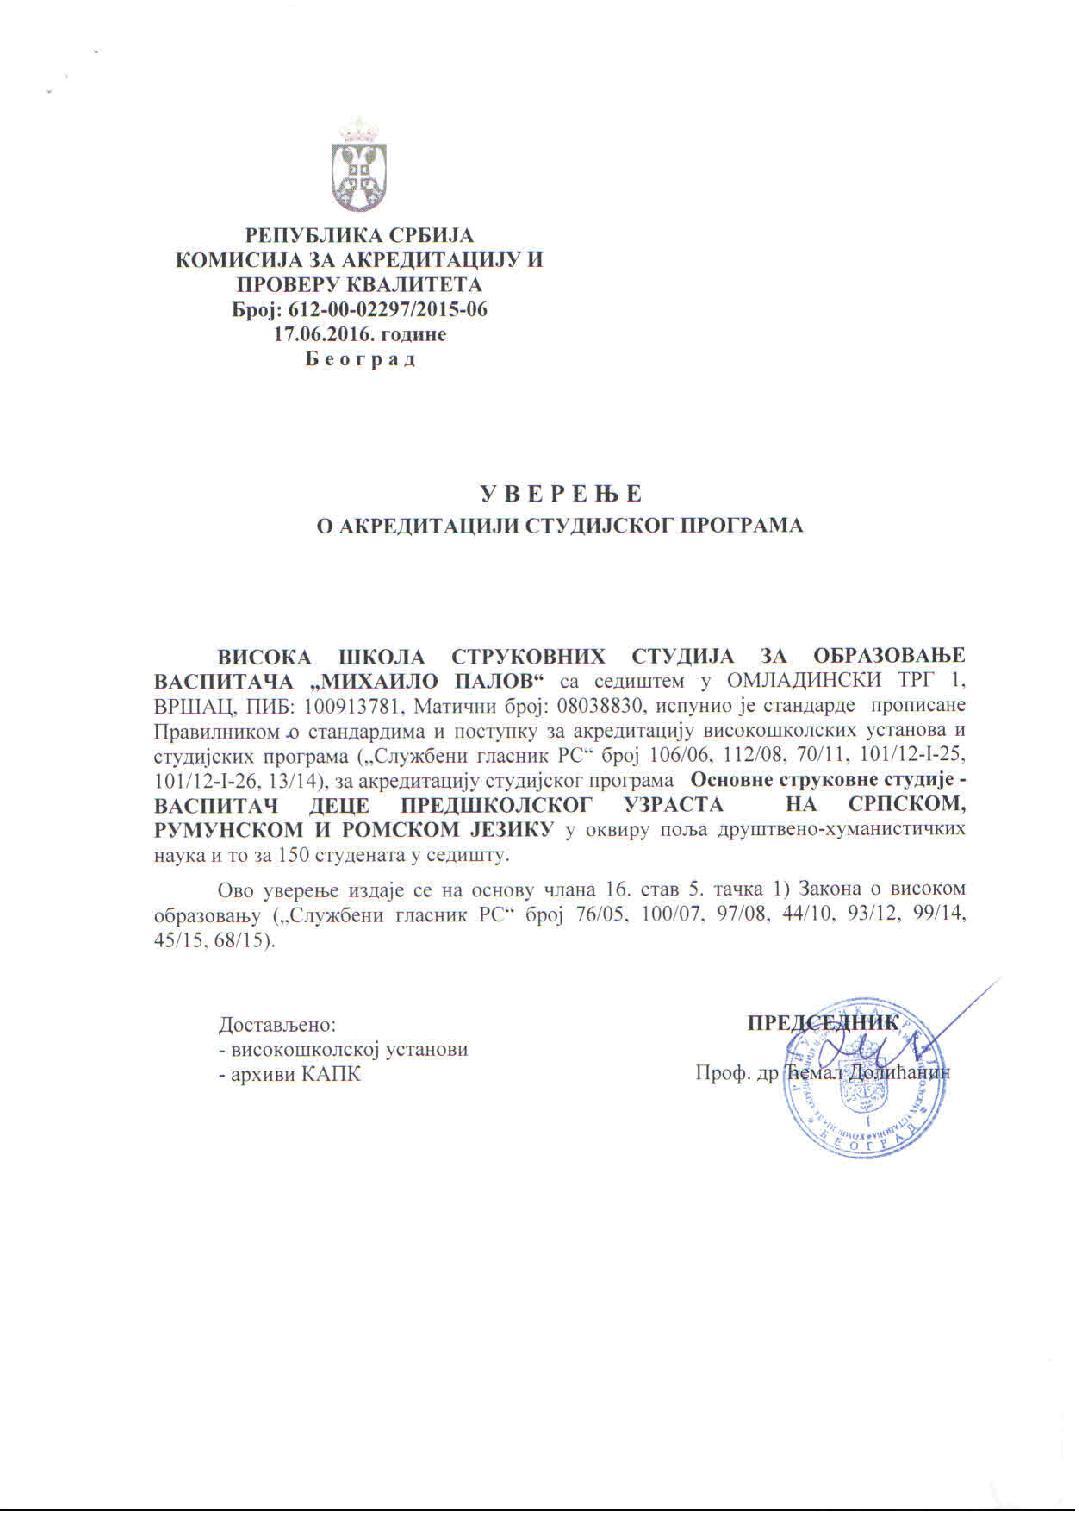 Uverenje akreditacija 2016 TEMPUS